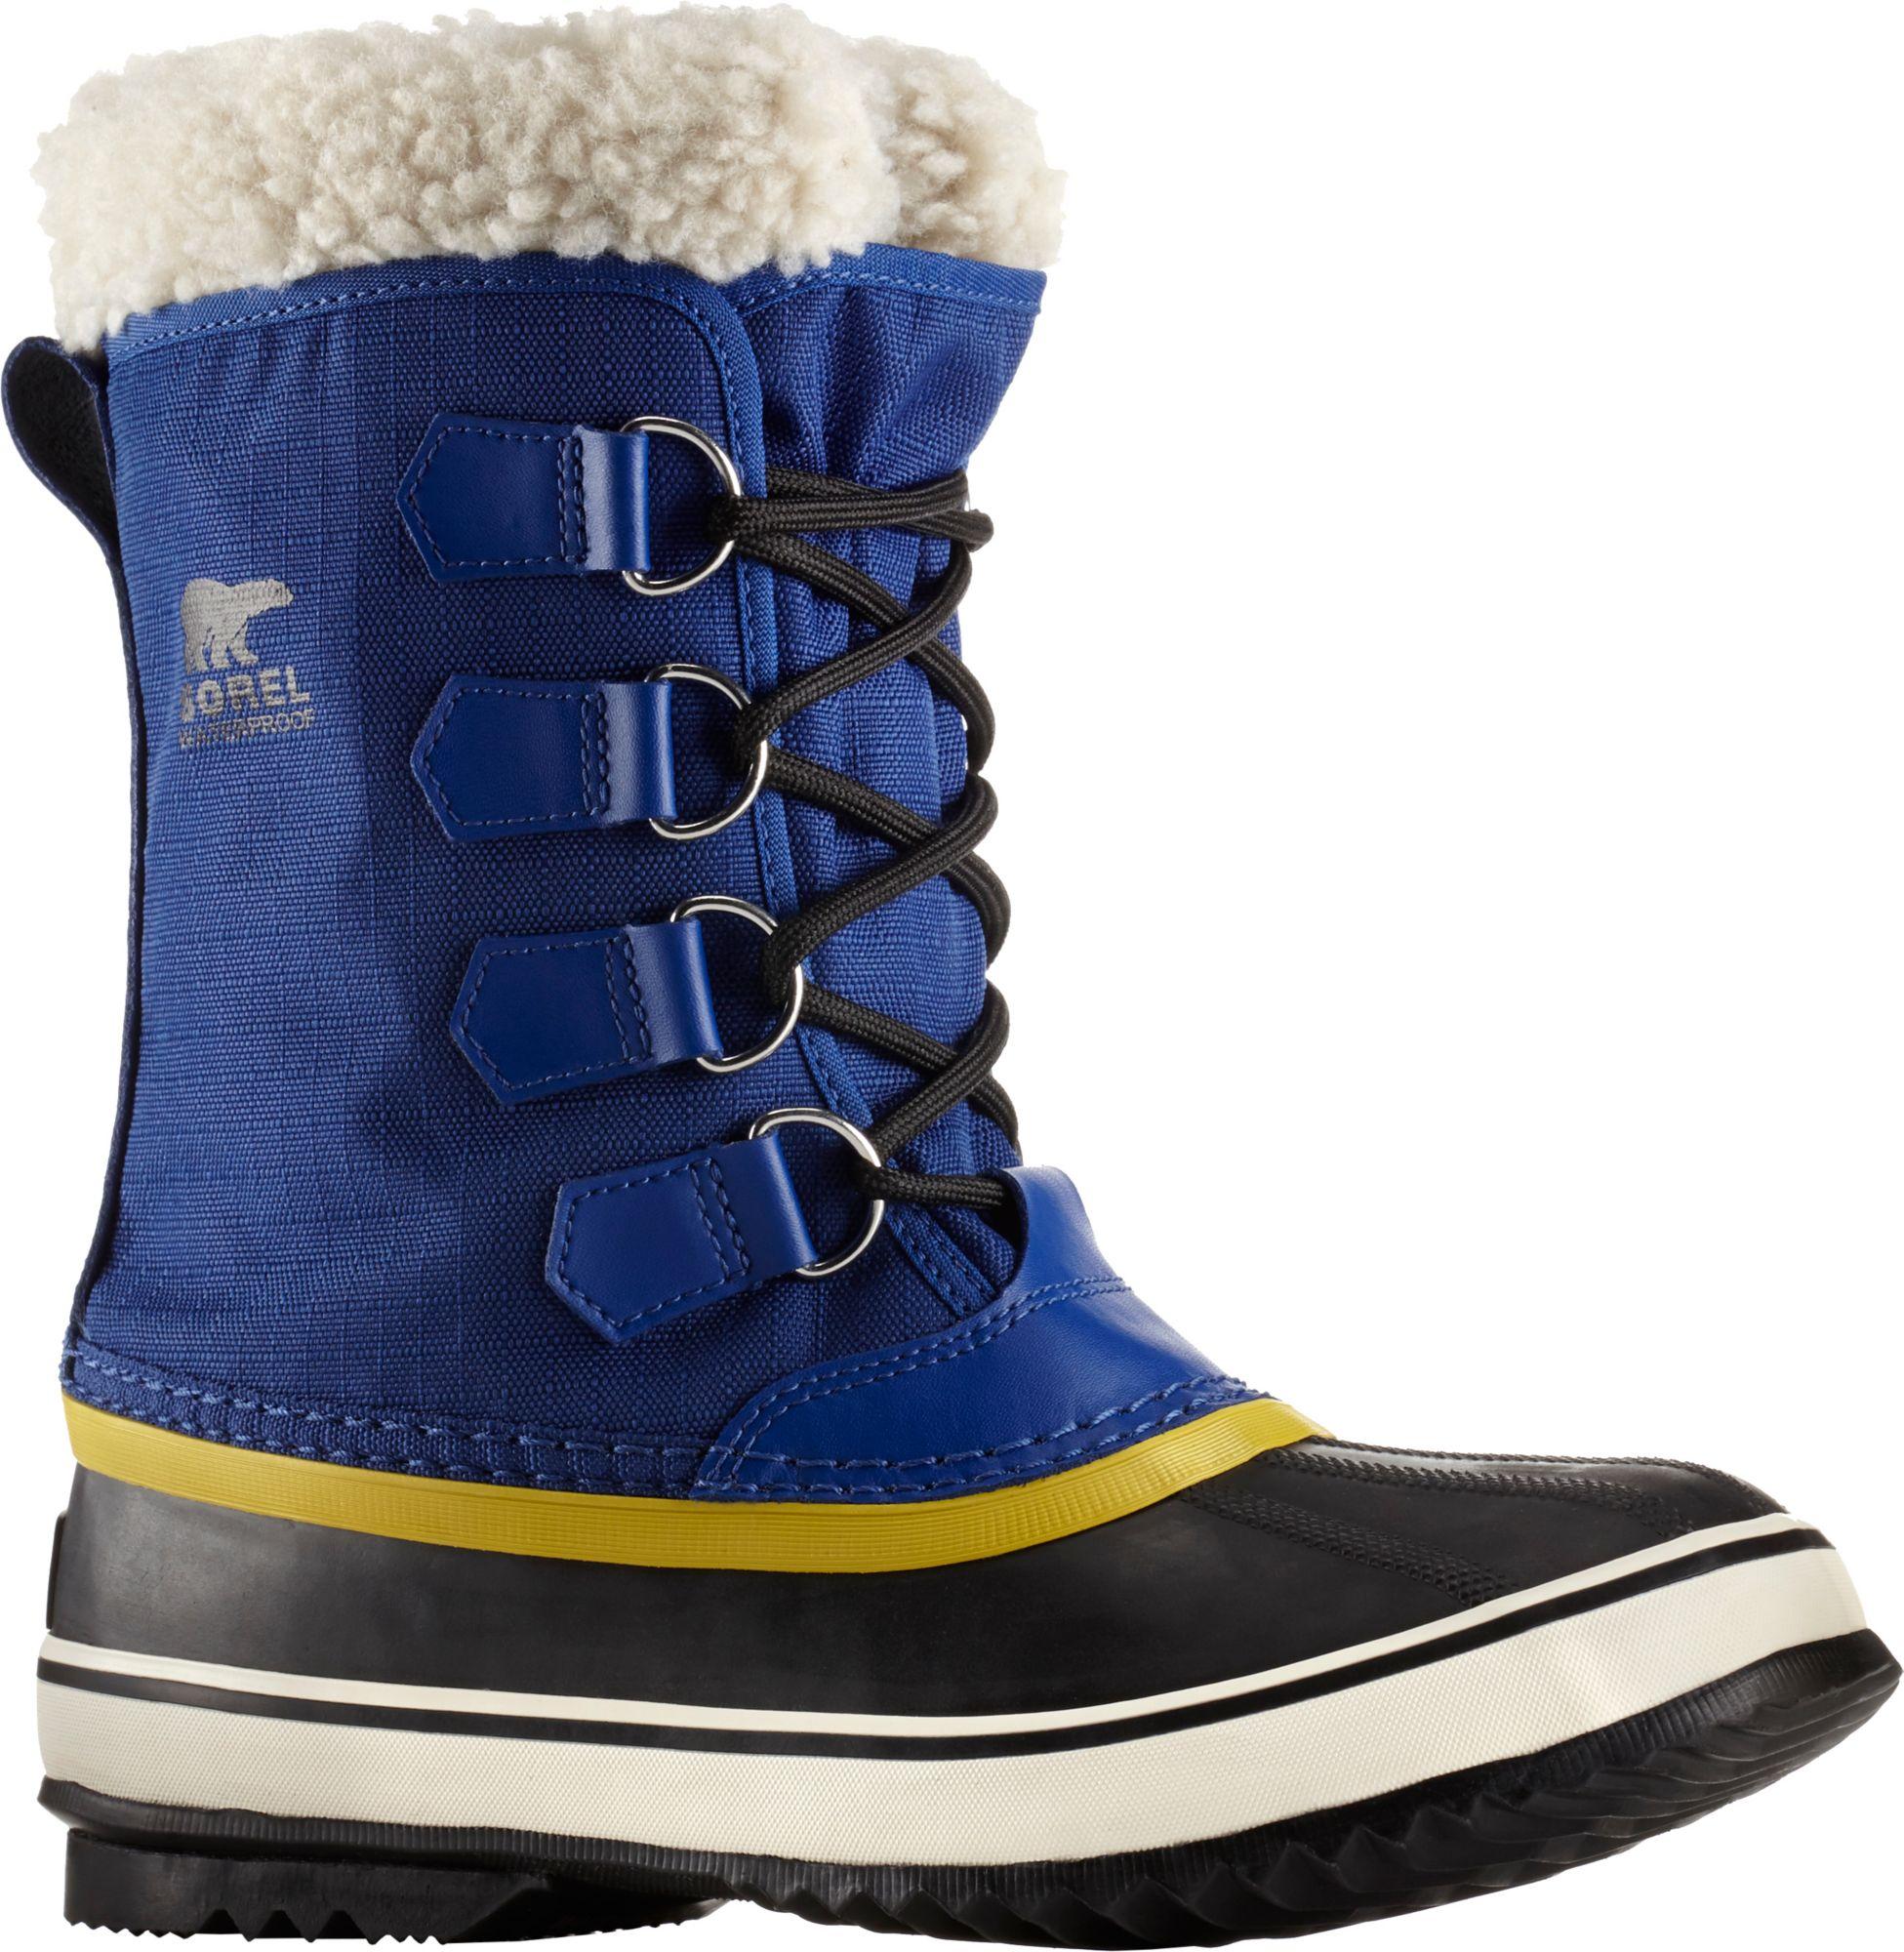 SOREL Women's Winter Carnival Waterproof Winter Boots. 0:00. 0:00 / 0:00.  noImageFound ???